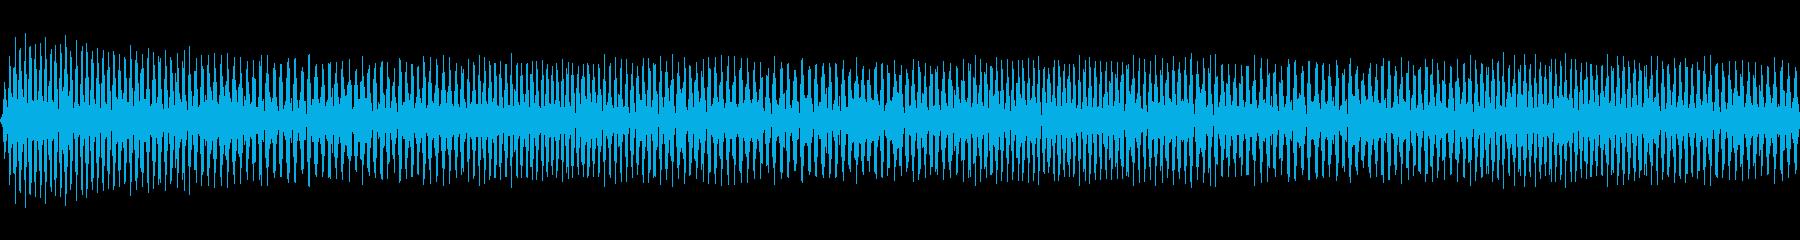 感情:怒る_ミンミンの再生済みの波形